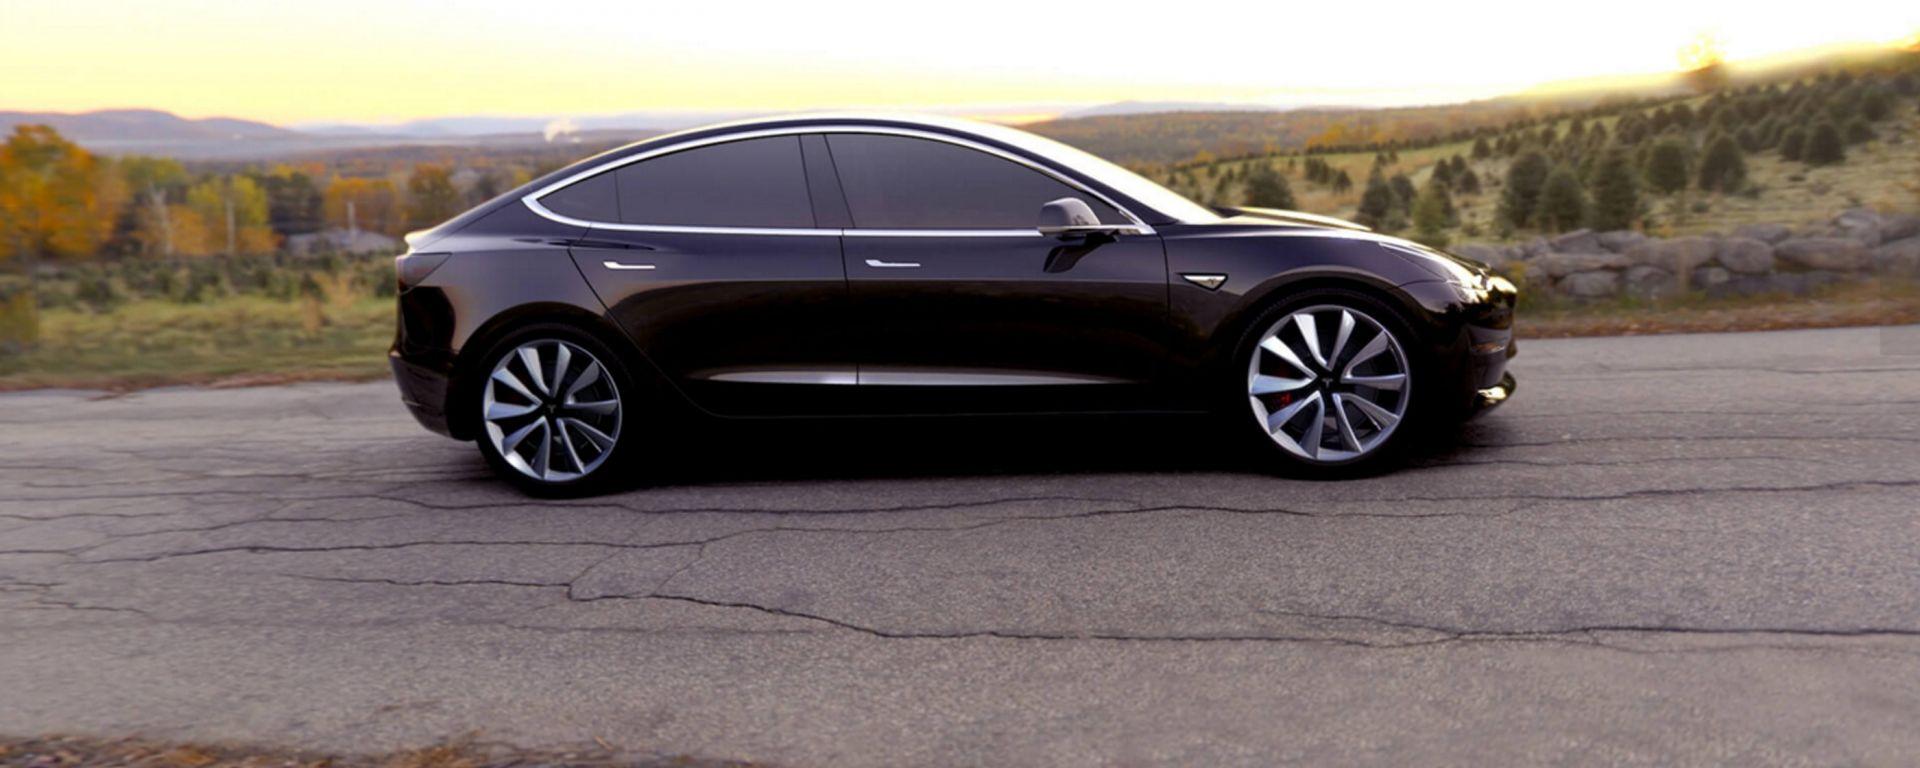 Tesla Model 3: dopo l'autonomia, ora ne viene svelata l'accelerazione